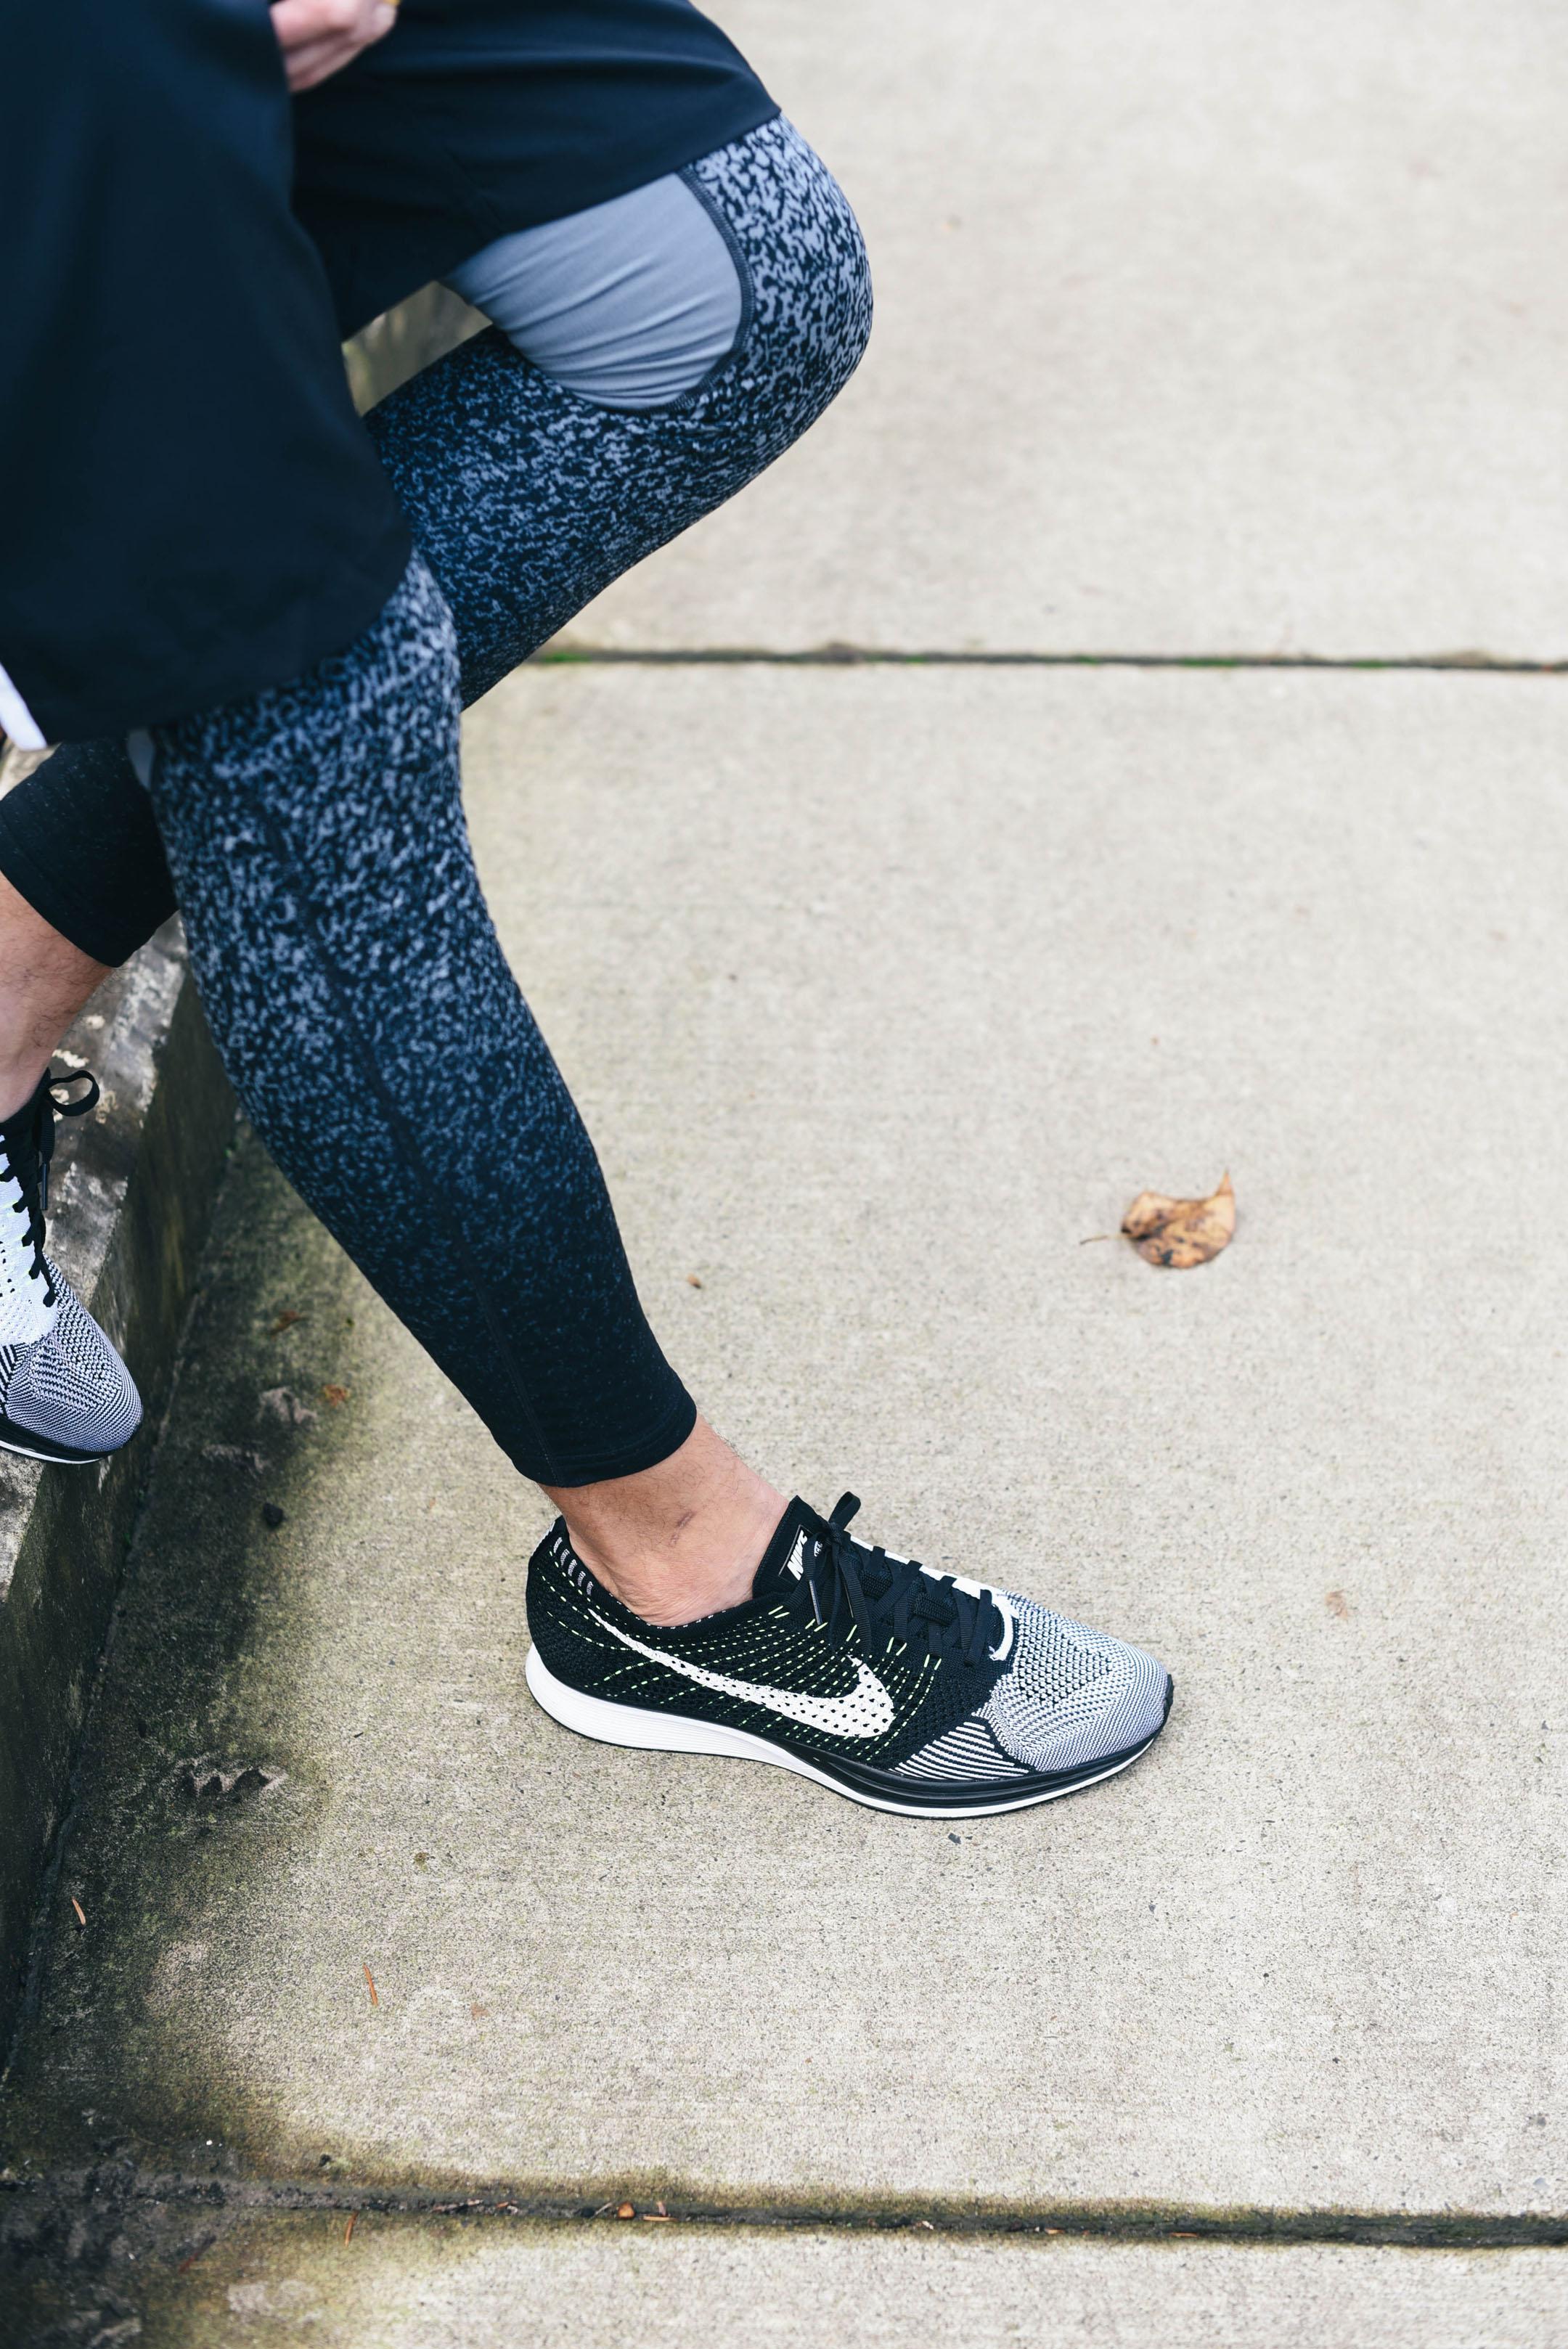 nike-flyknit-racer-unisex-runnning-shoes